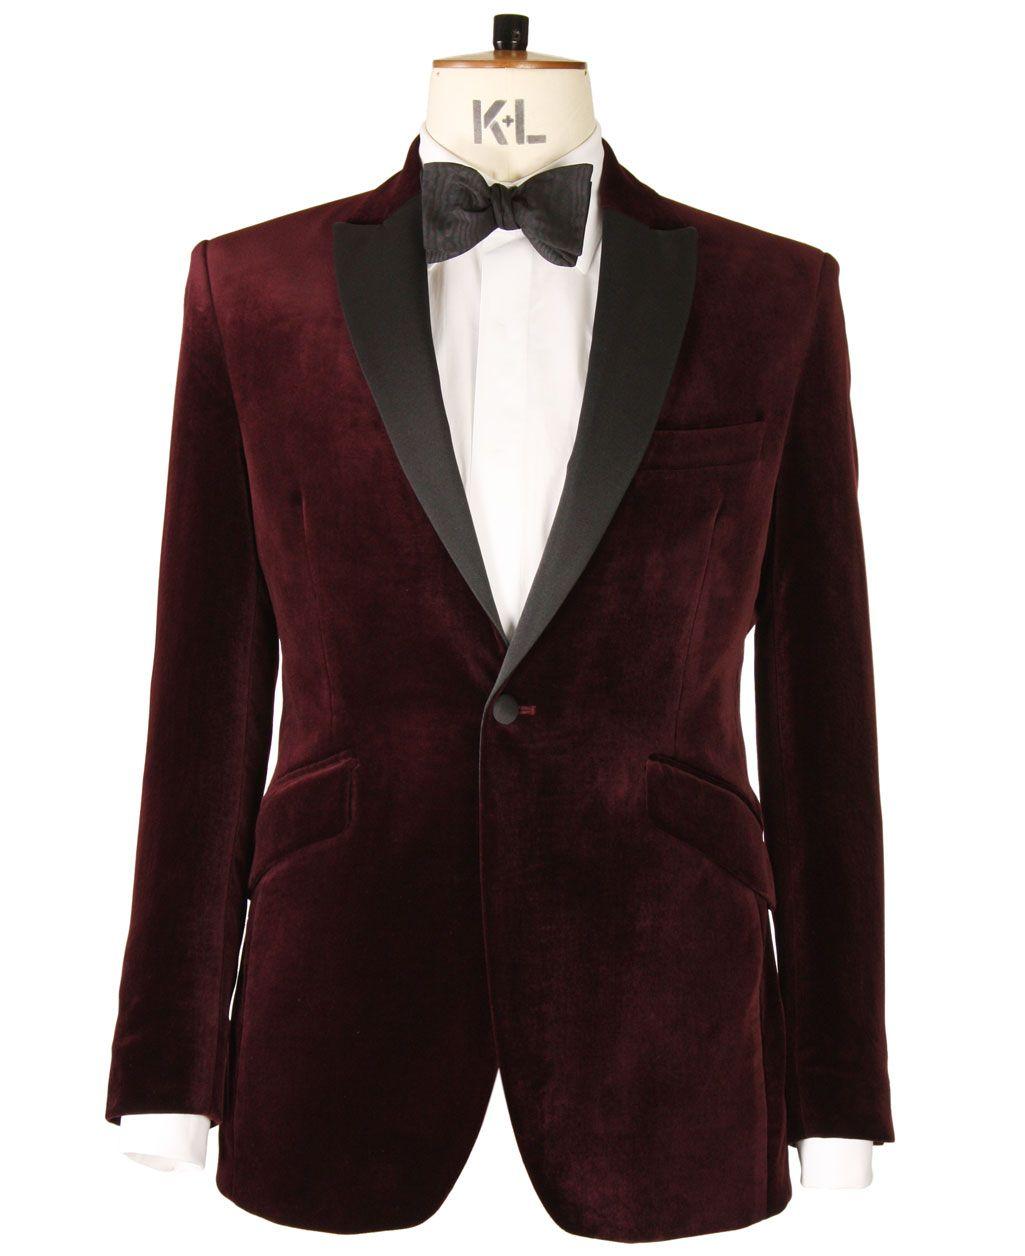 nike blazer vintage maroon tuxedo